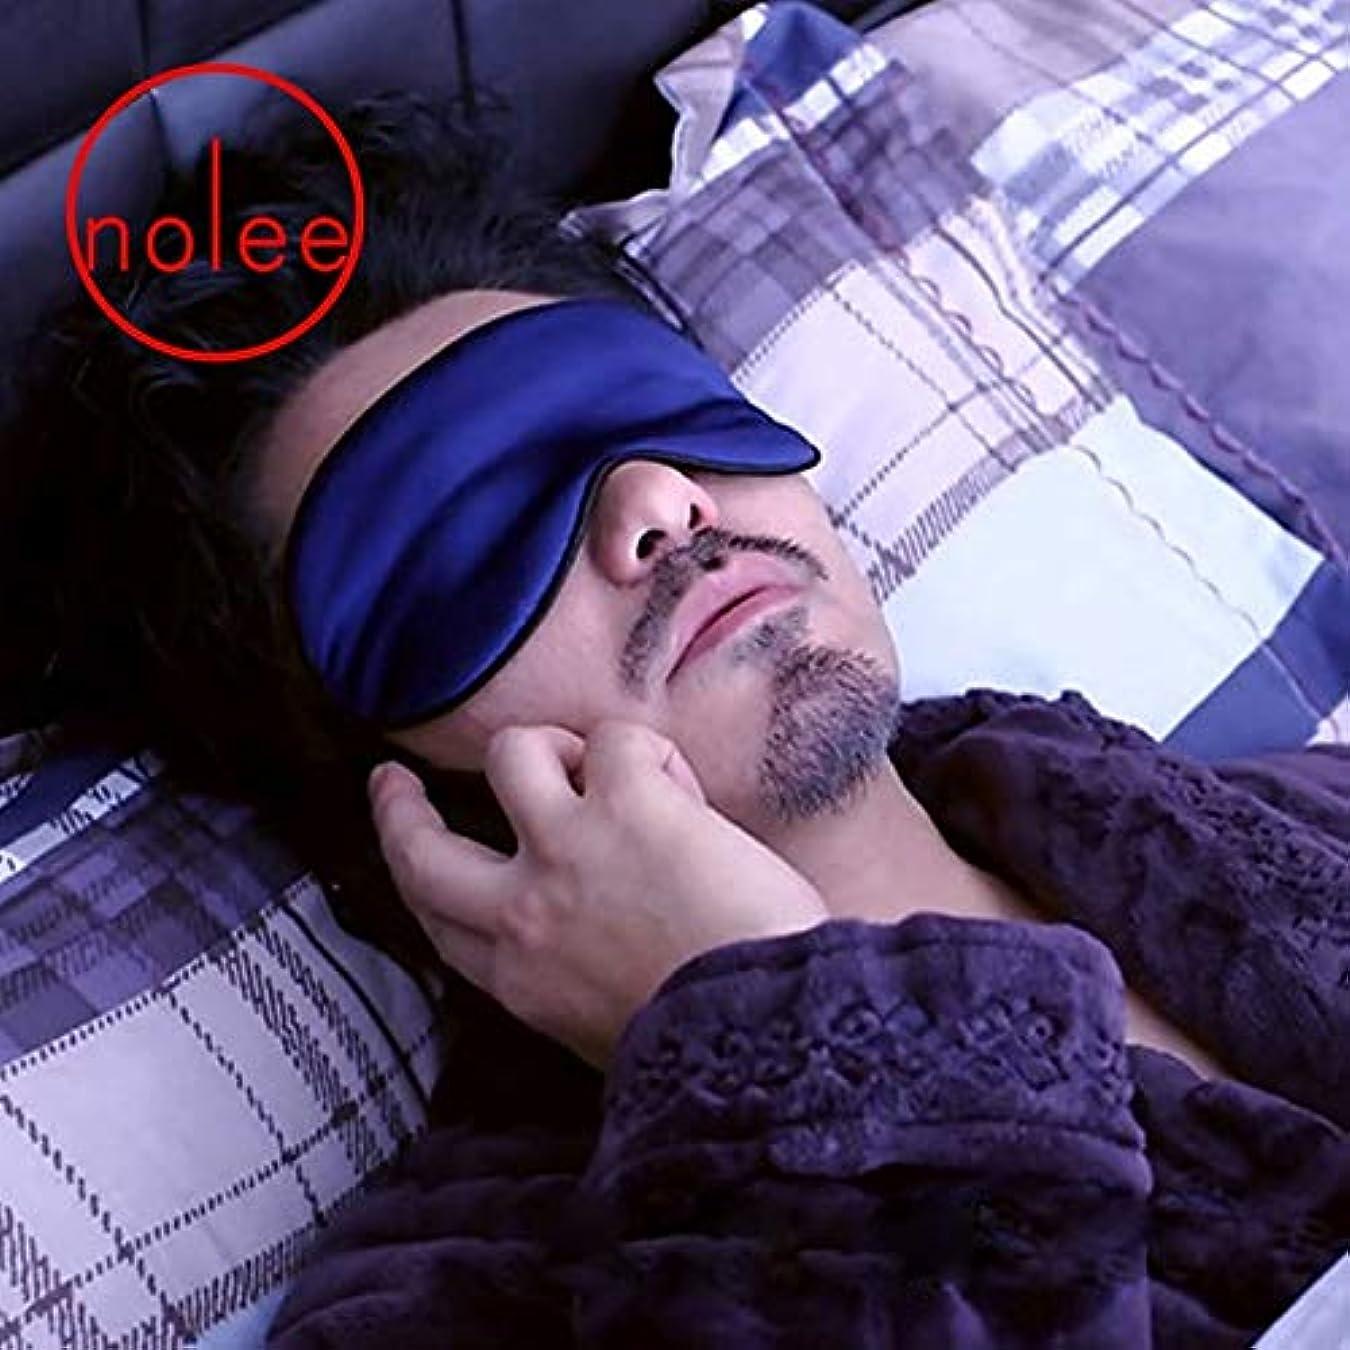 アサー考慮重荷メモメンズシルクスリープブラックアウトゴーグルは、耳栓アイシェードSZで目の疲れを軽減します。